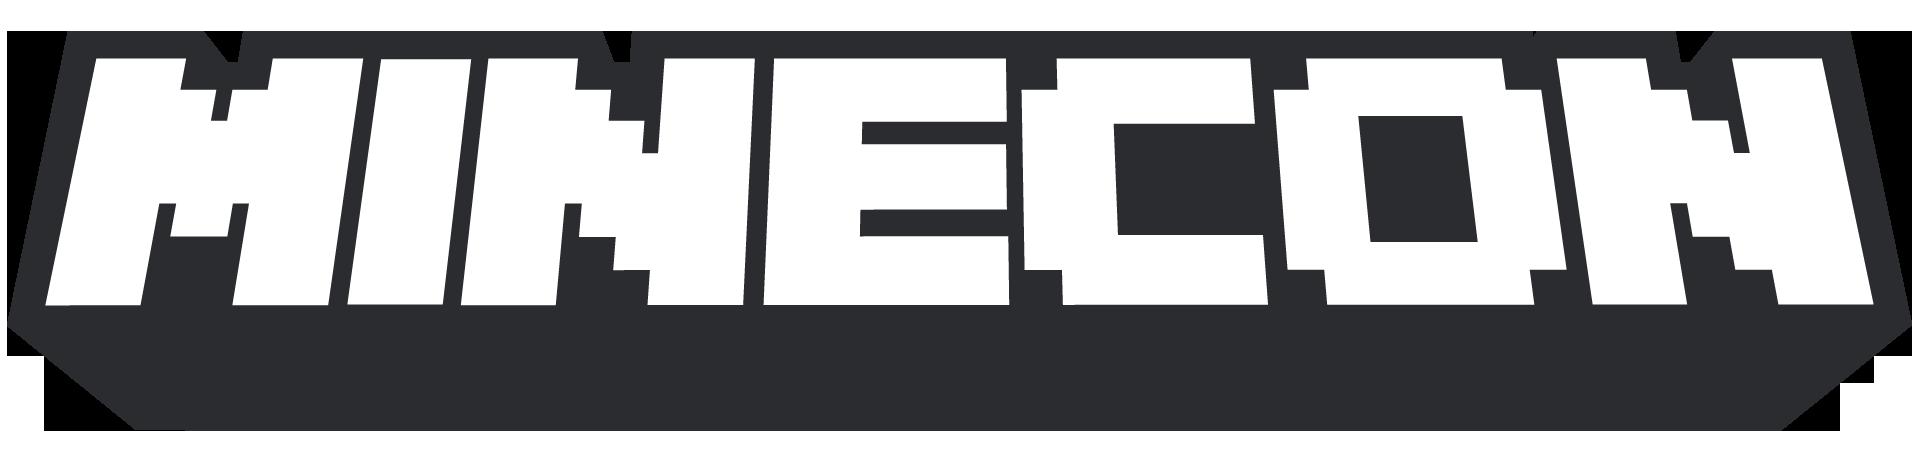 minecon 2015 tickets announcement